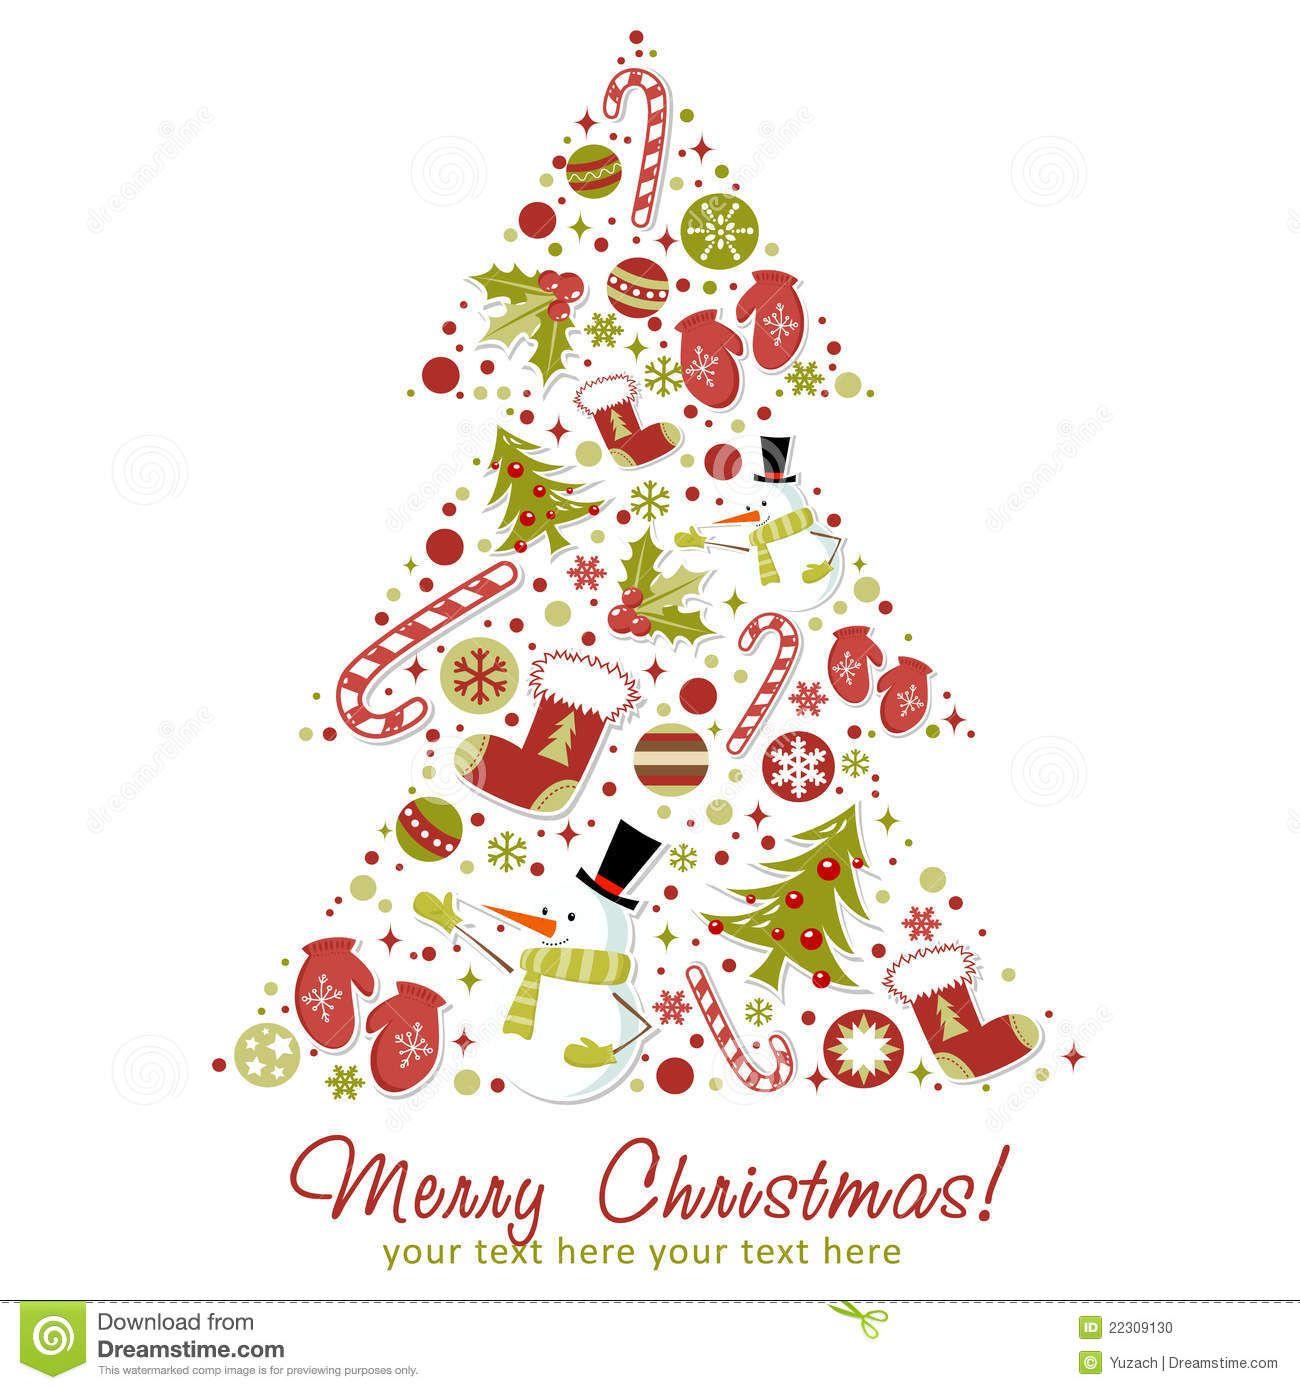 Immagini Stilizzate Di Natale.Risultati Immagini Per Alberi Di Natale Stilizzati Immagini